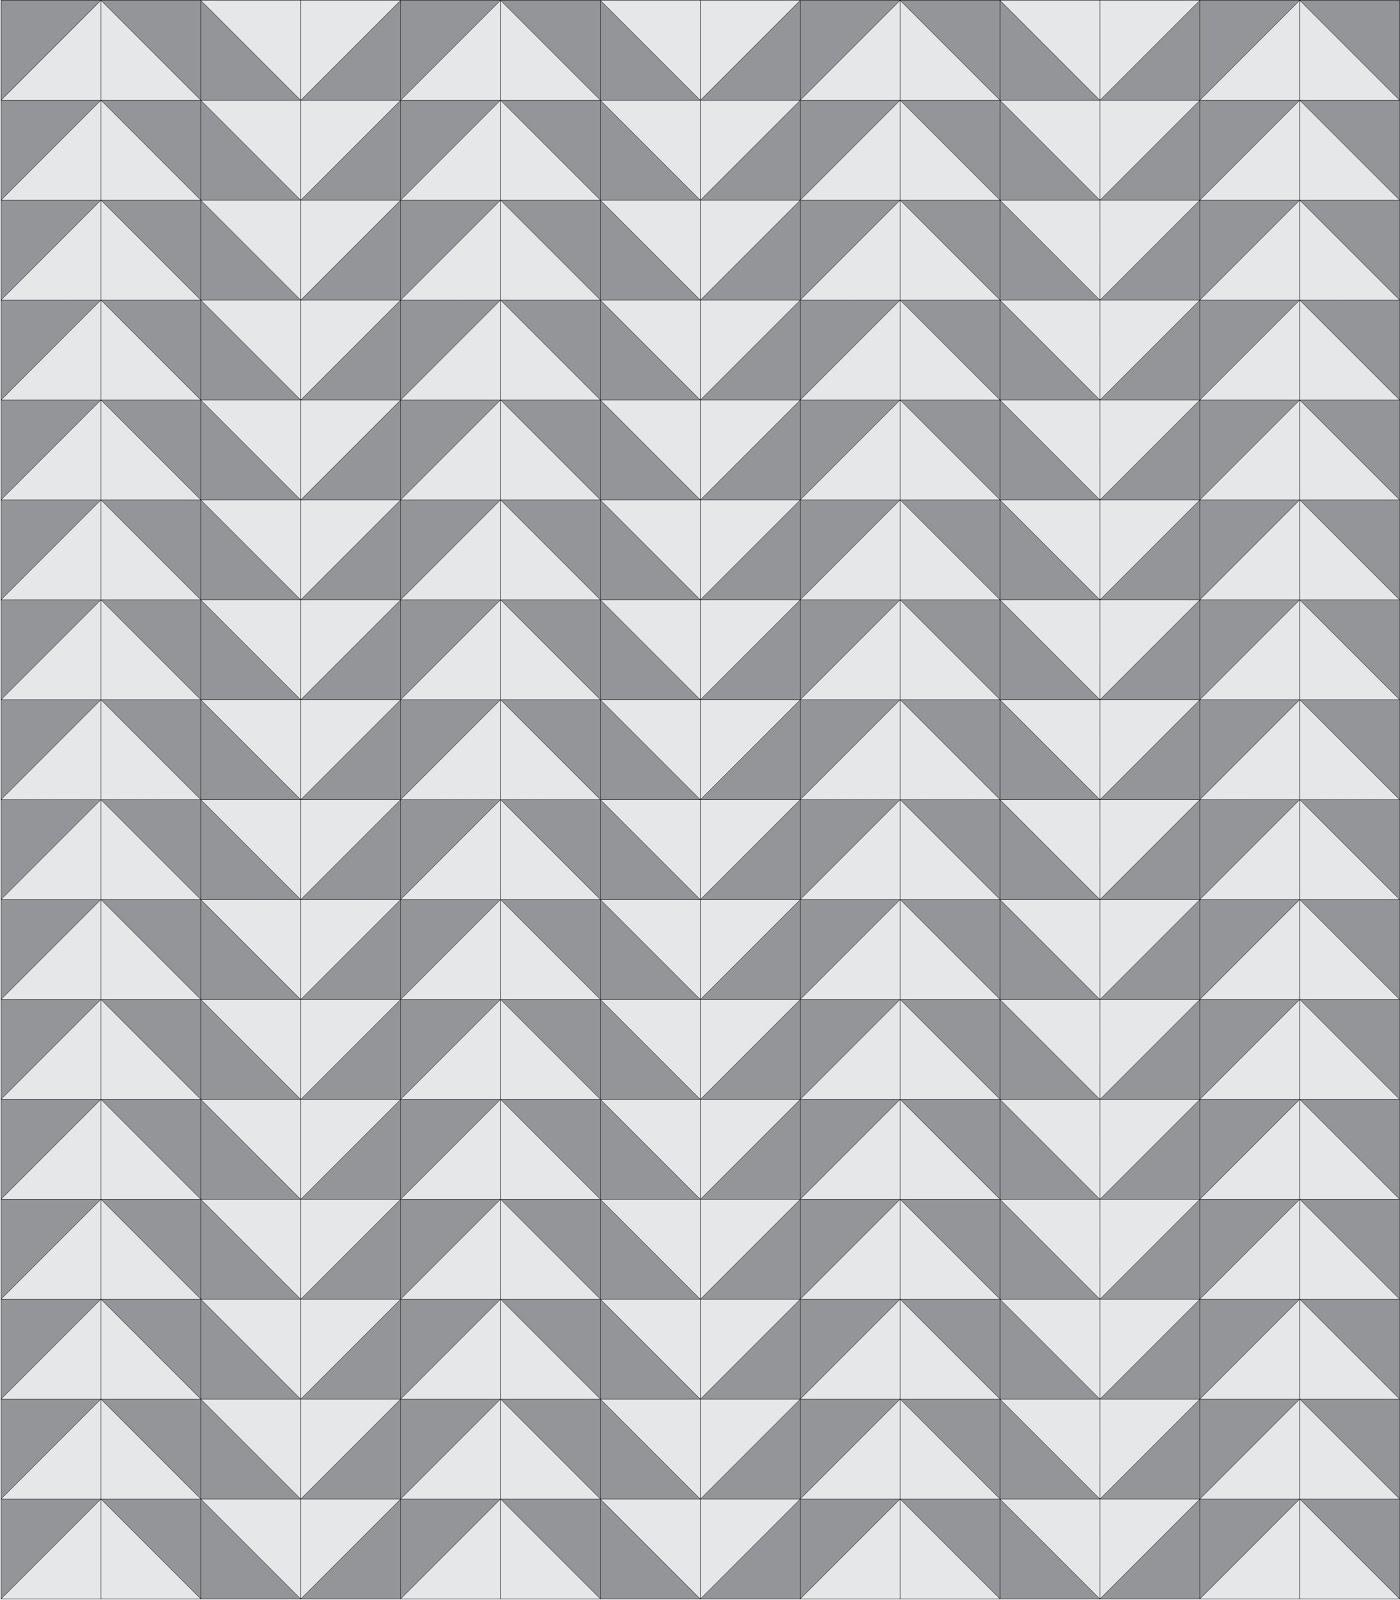 quilt triangle block